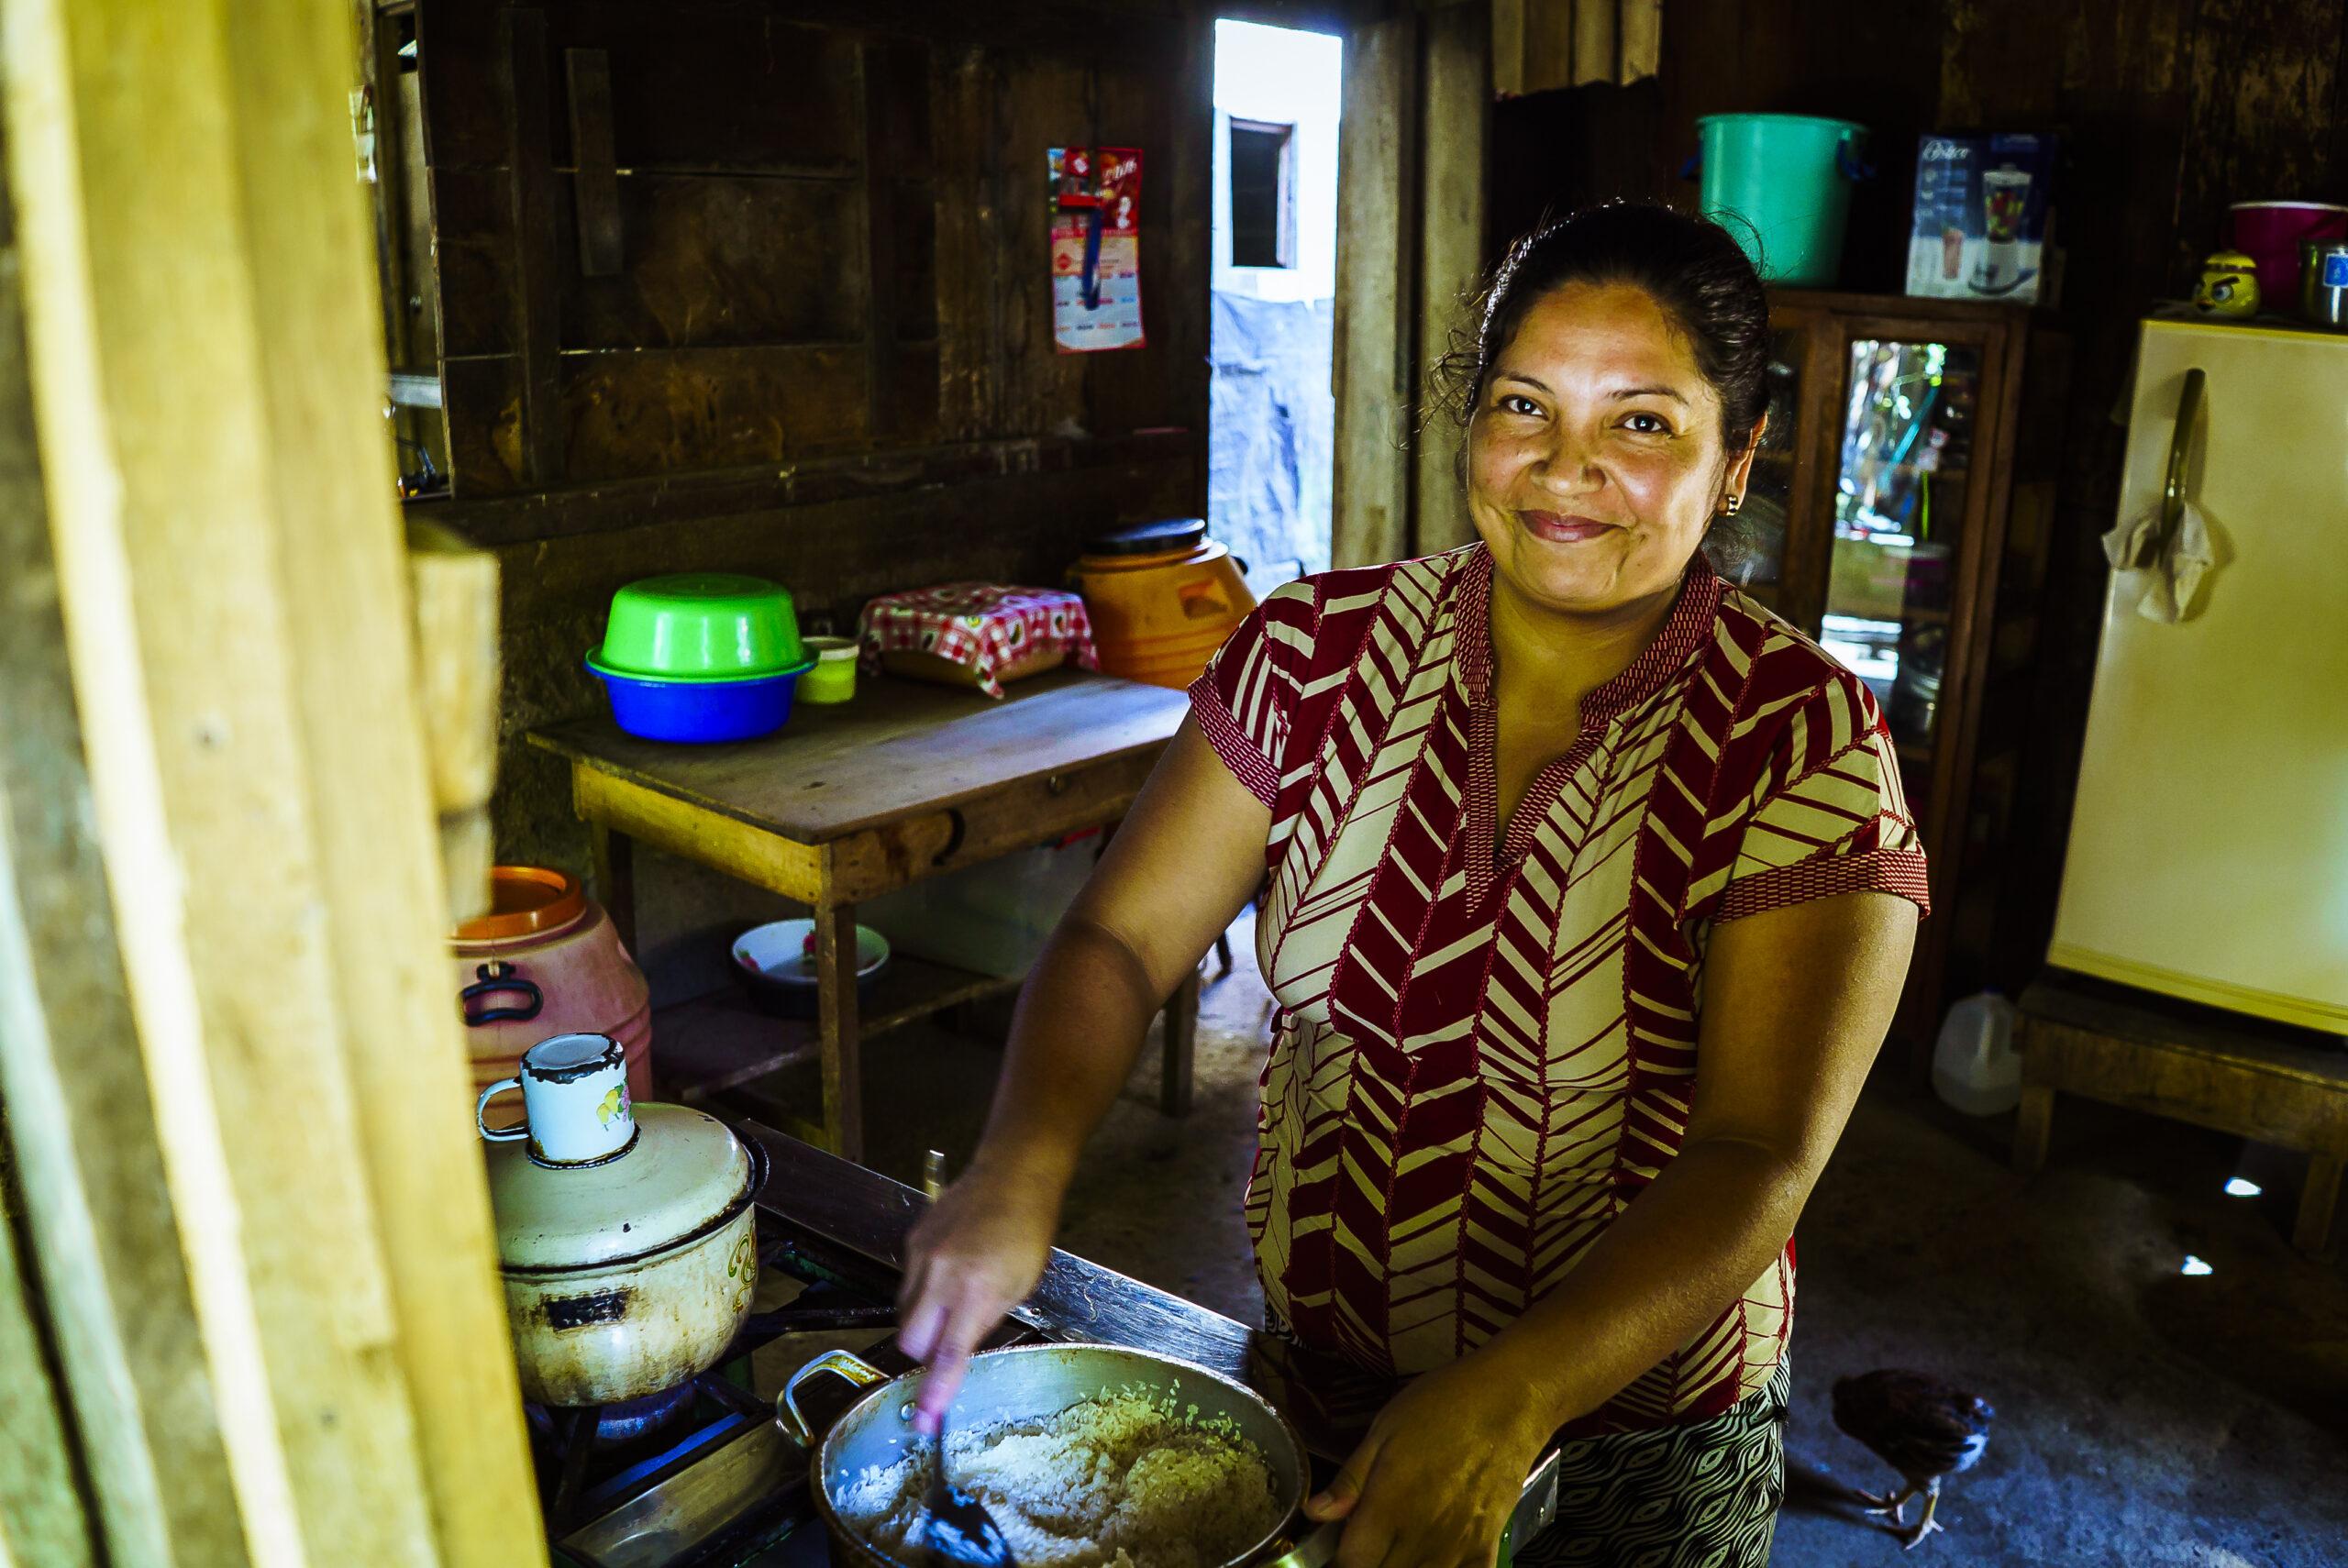 Luis-Biogas cooking